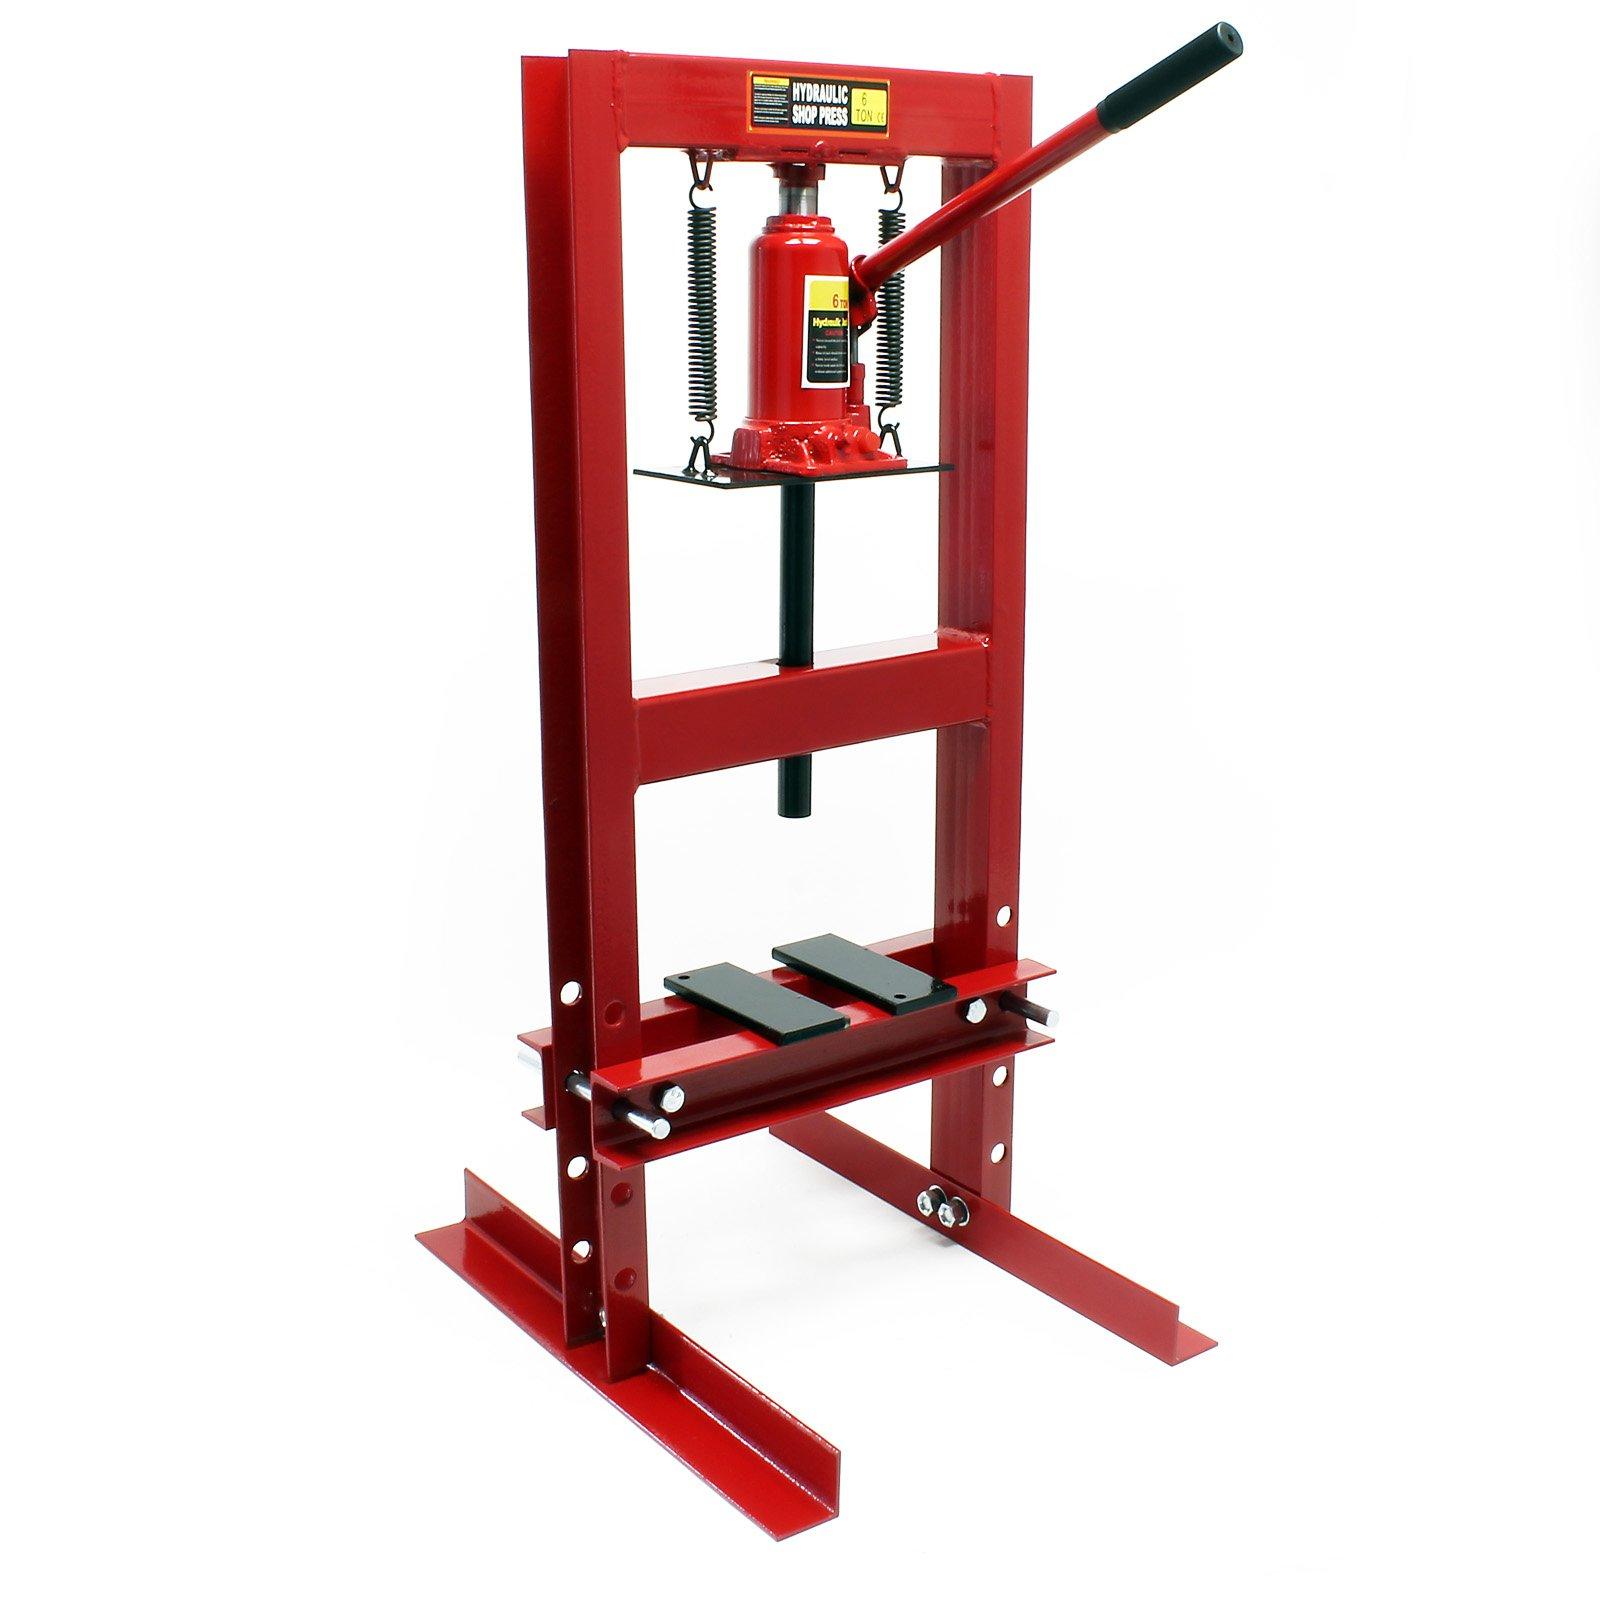 6T Prensa hidráulica Prensa taller Fuerza presión Estampar Doblar Prensar Piezas Industria Mecánica product image